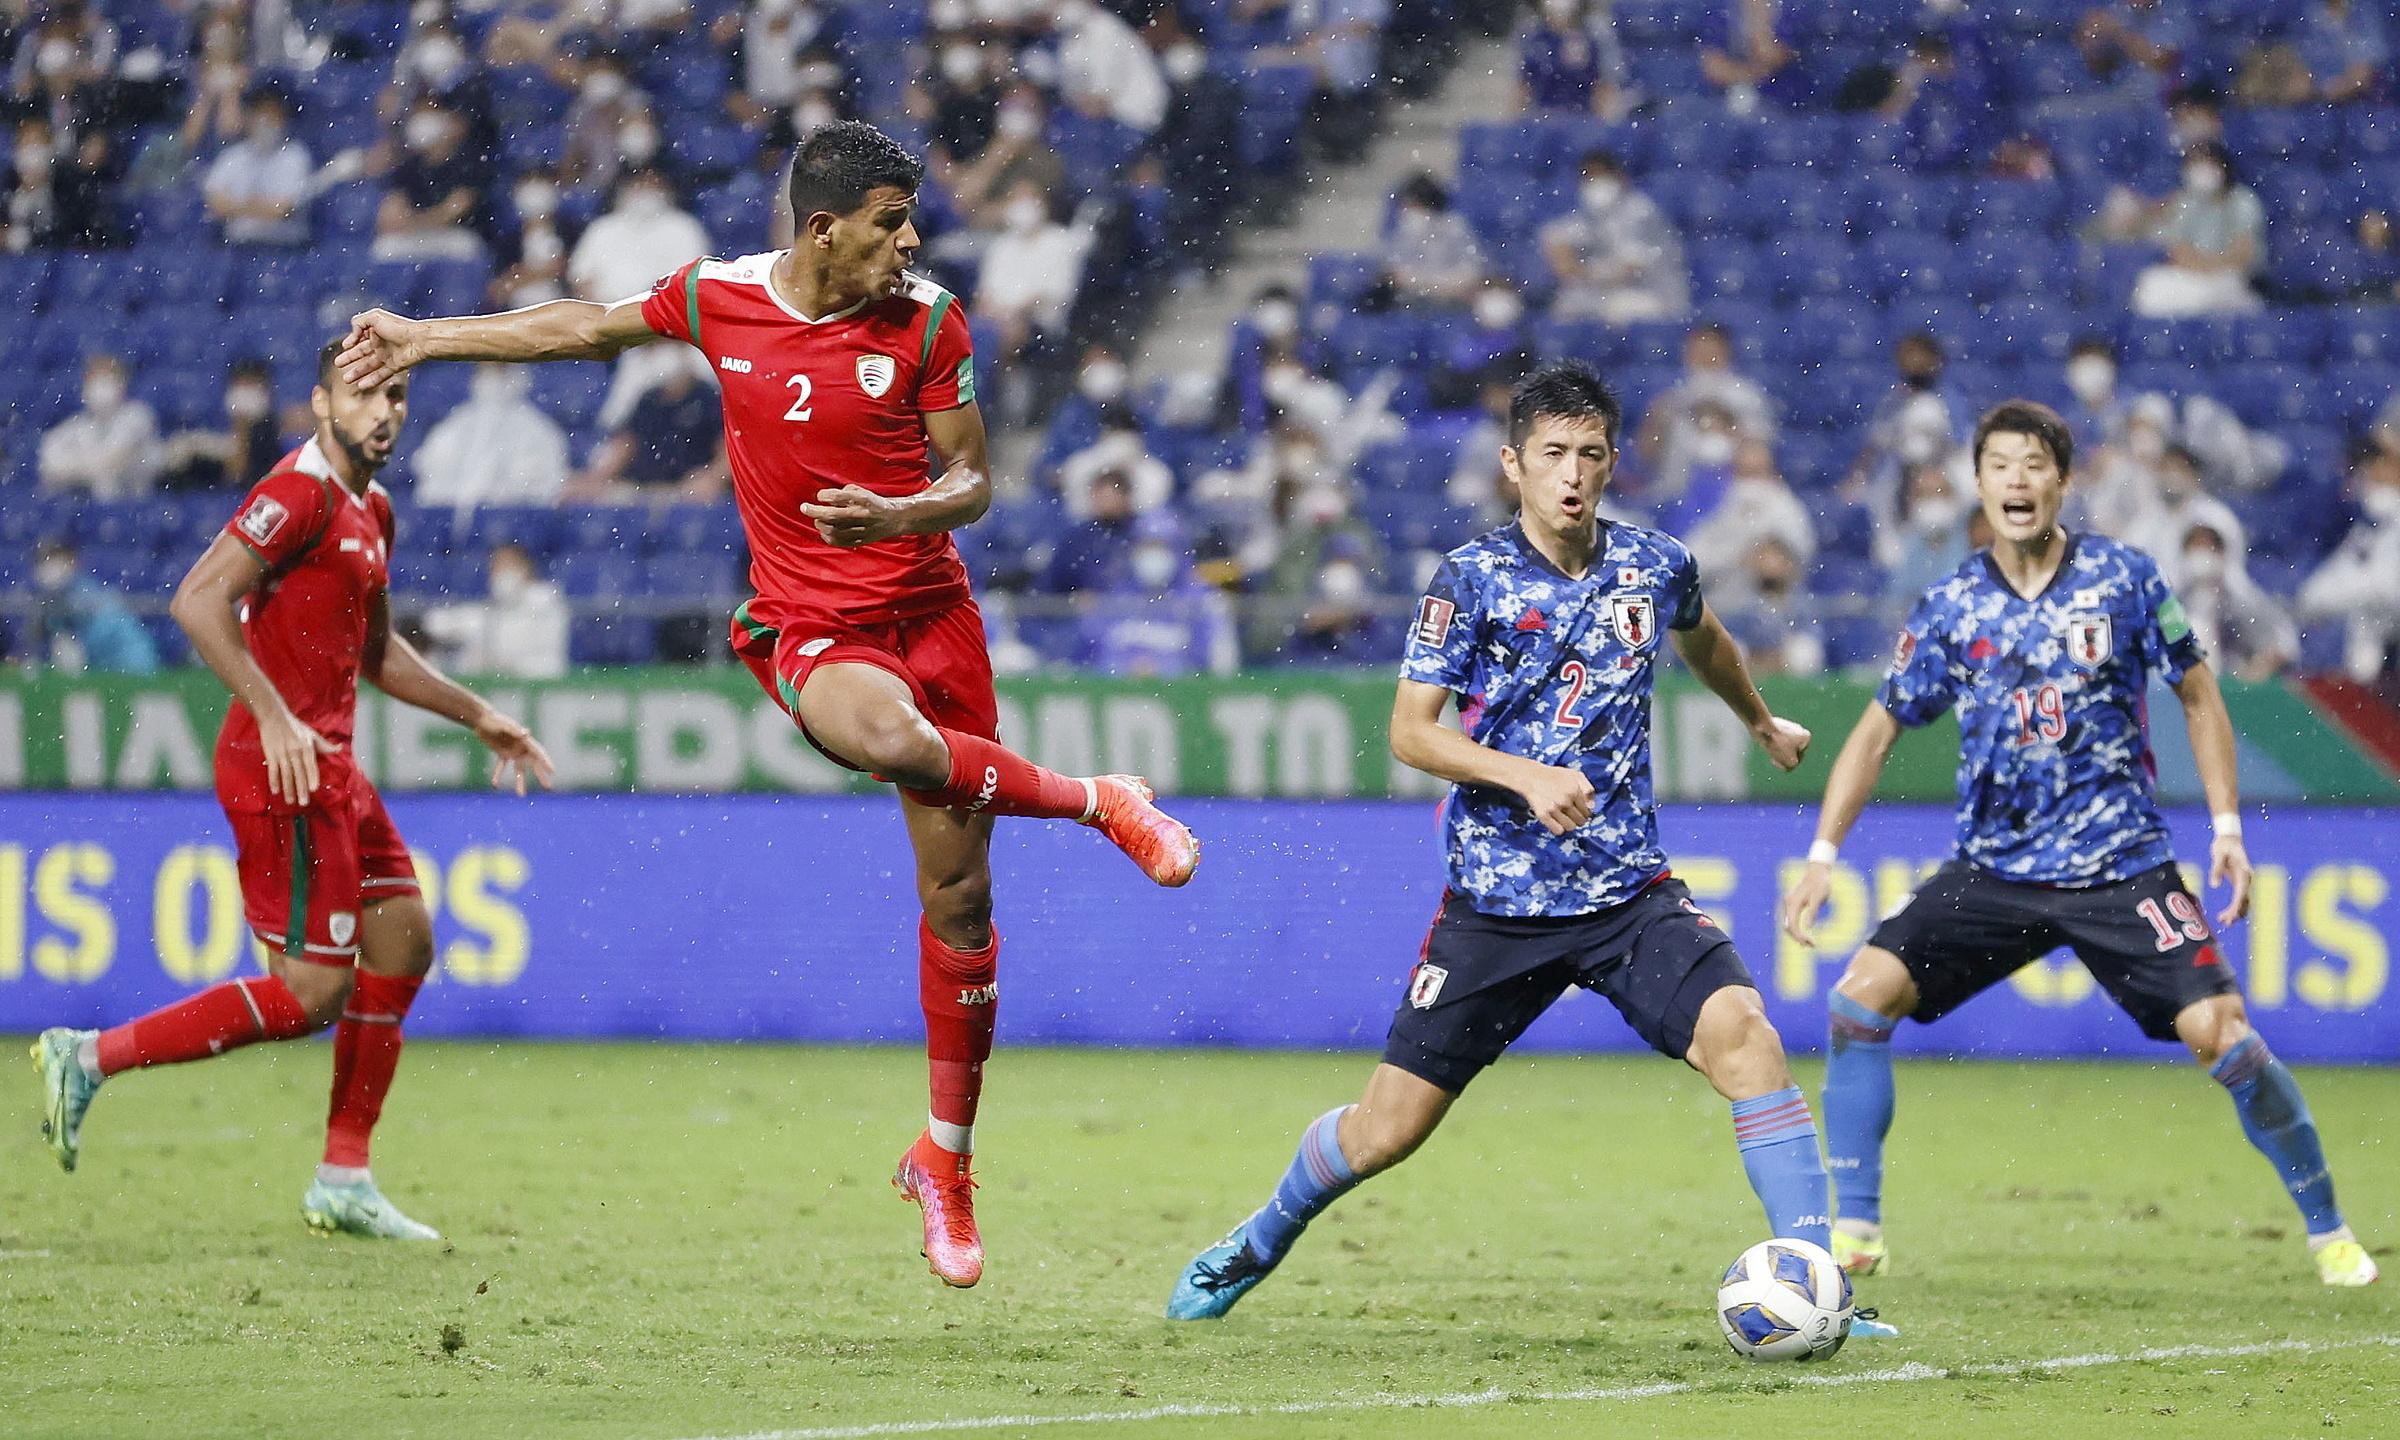 Oman (áo đỏ) bất ngờ hạ Nhật Bản ở trận ra quân. Ảnh: Reuters